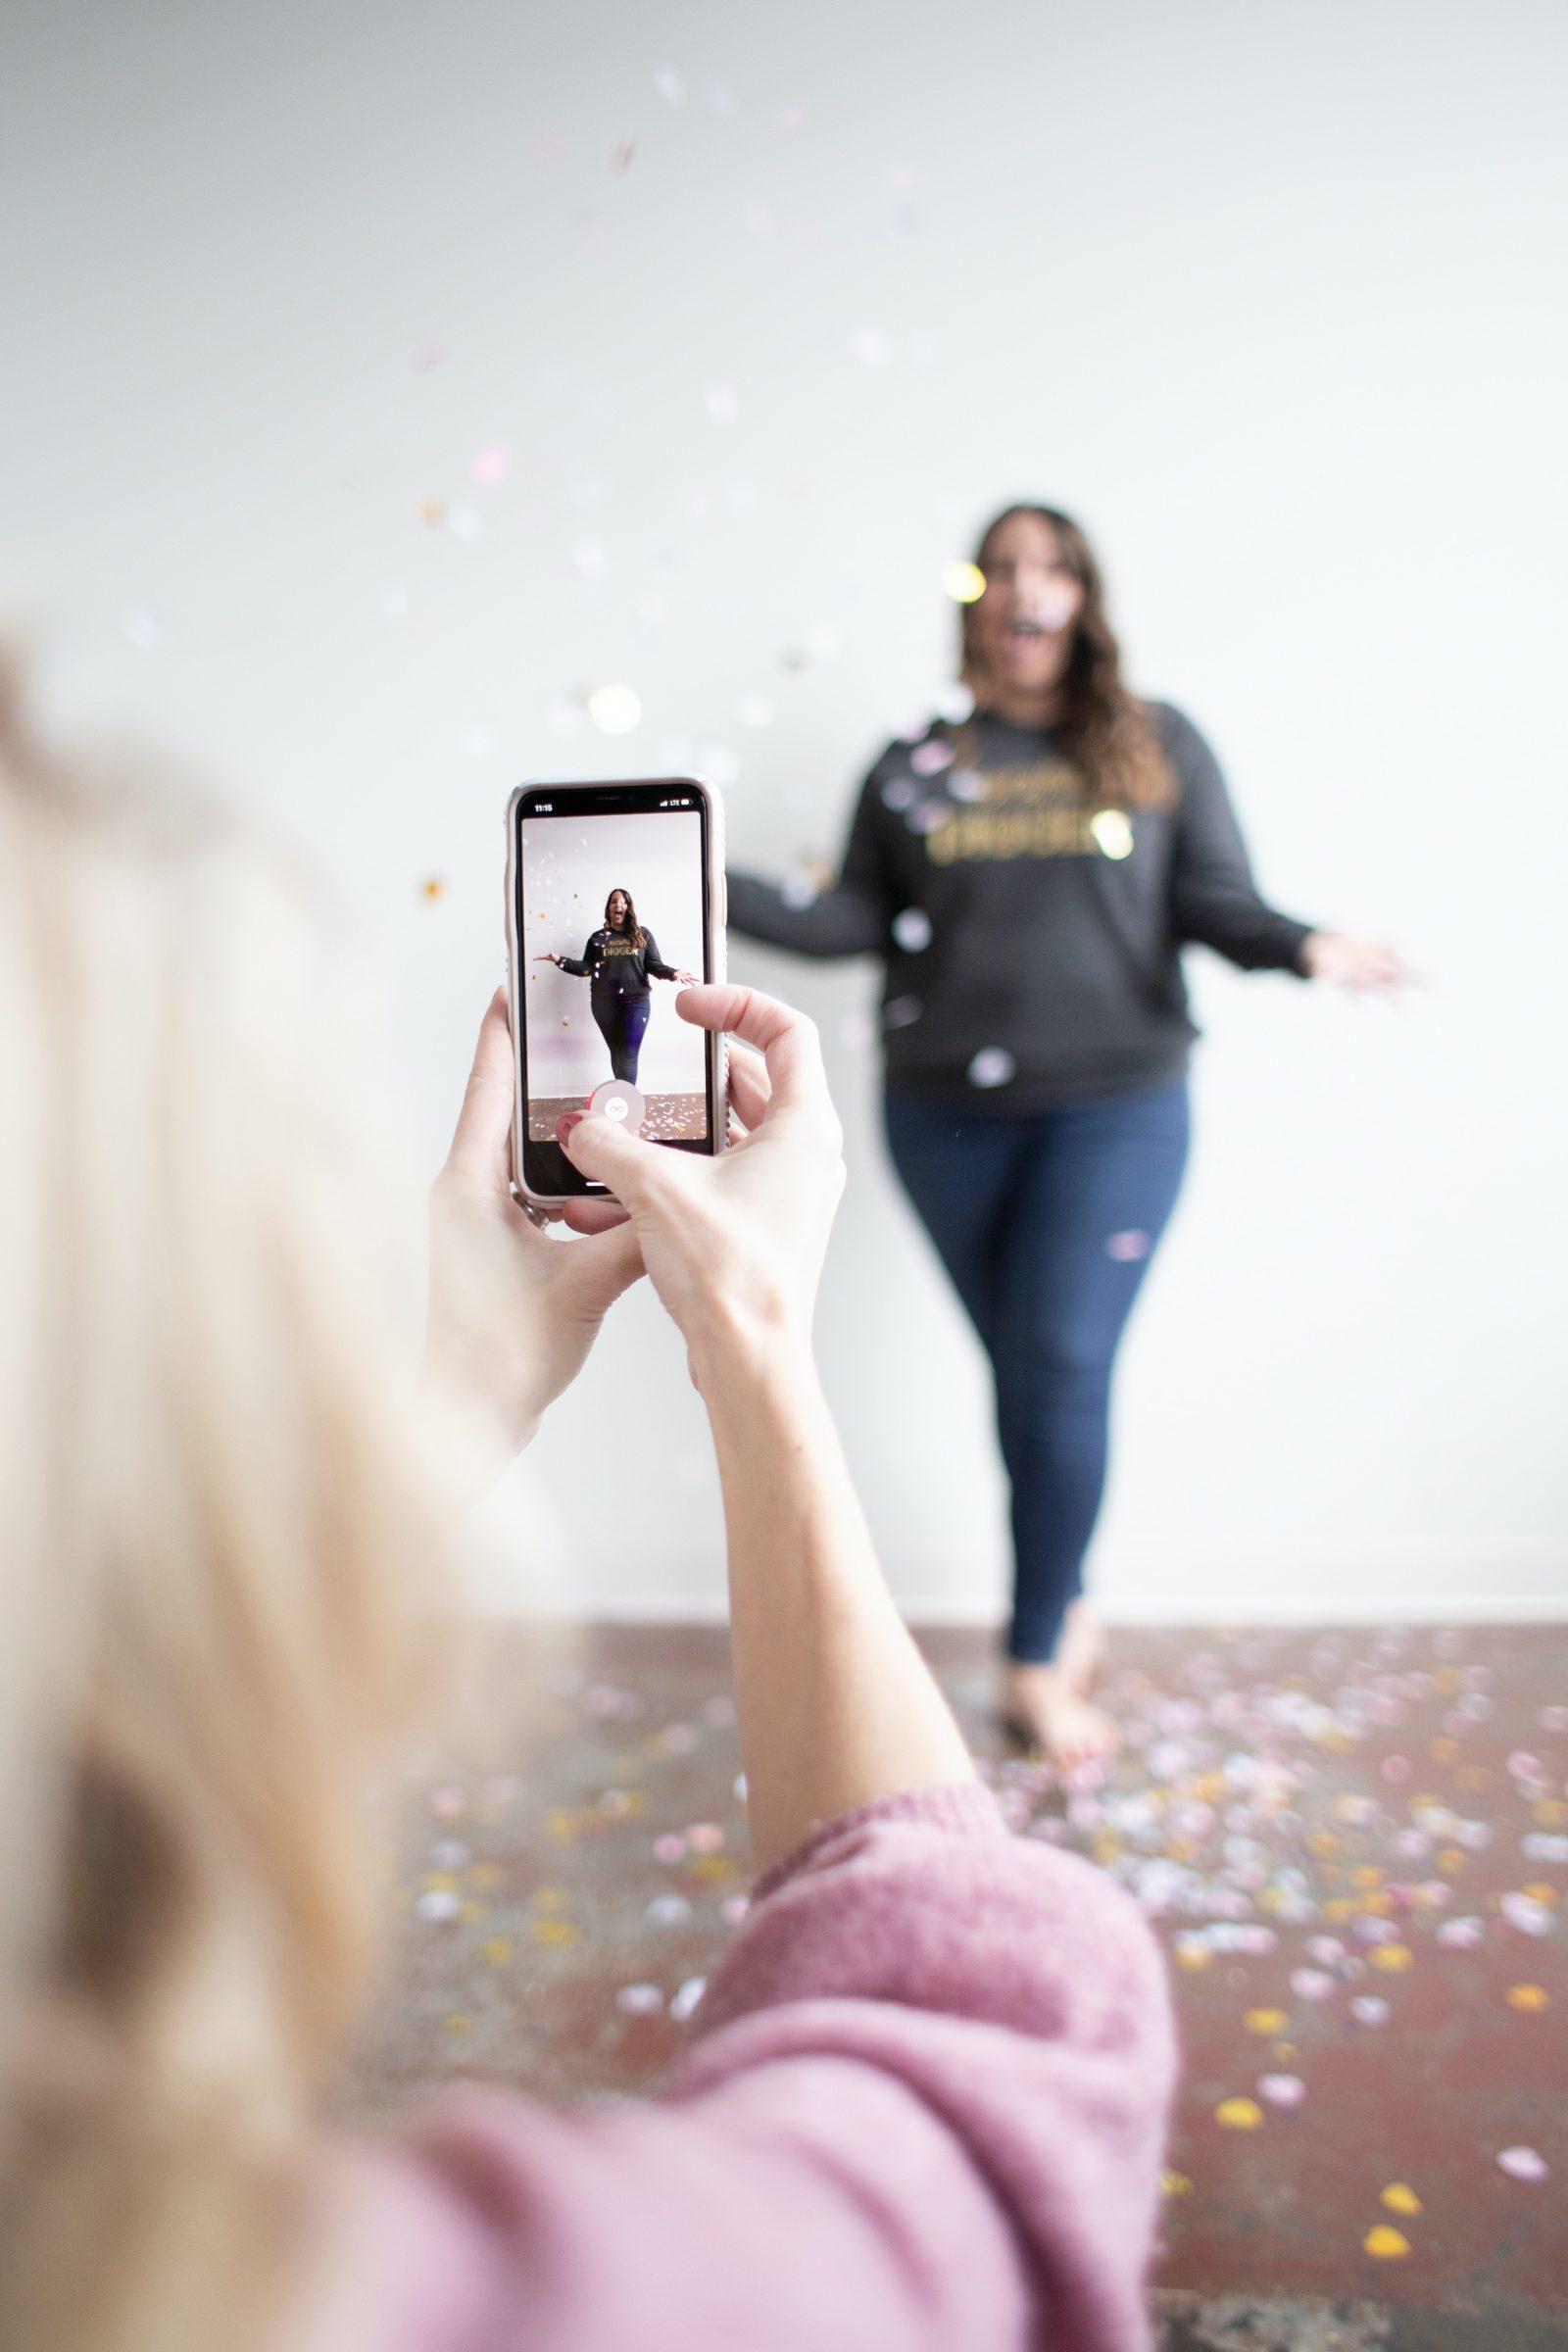 Nainen kuvaa toista naista puhelimella seisomassa seinän edessä ja heittämässä konfetteja ilmaan.